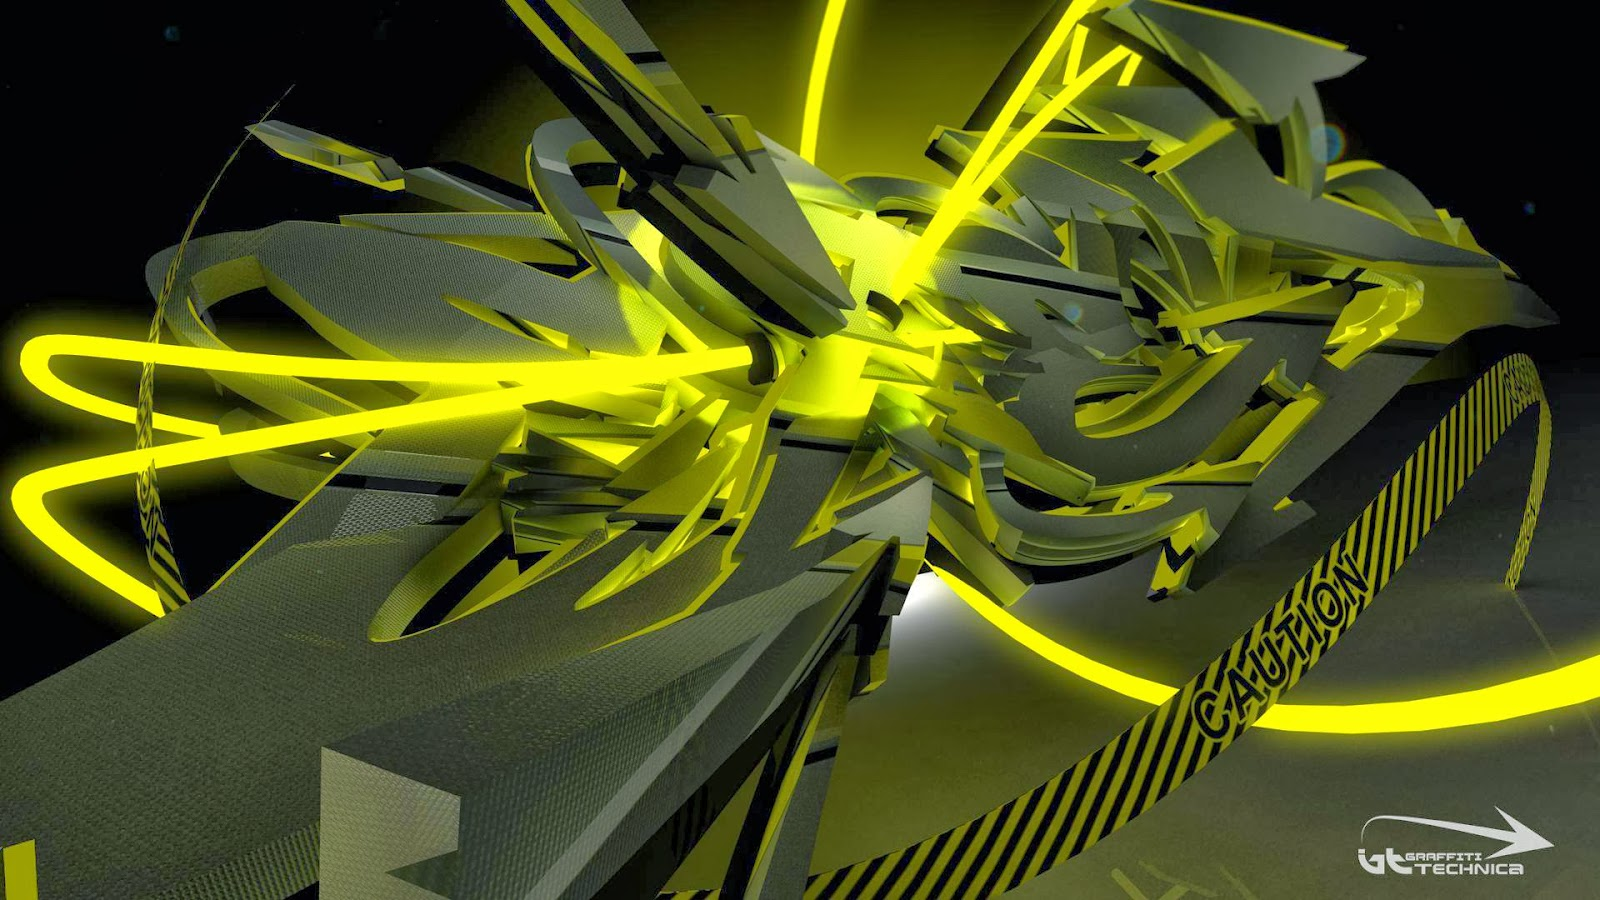 40 Imágenes Abstractas Para Descargar E Imprimir: Fondo De Pantalla Abstracto Graffiti Amarillo Hecho A